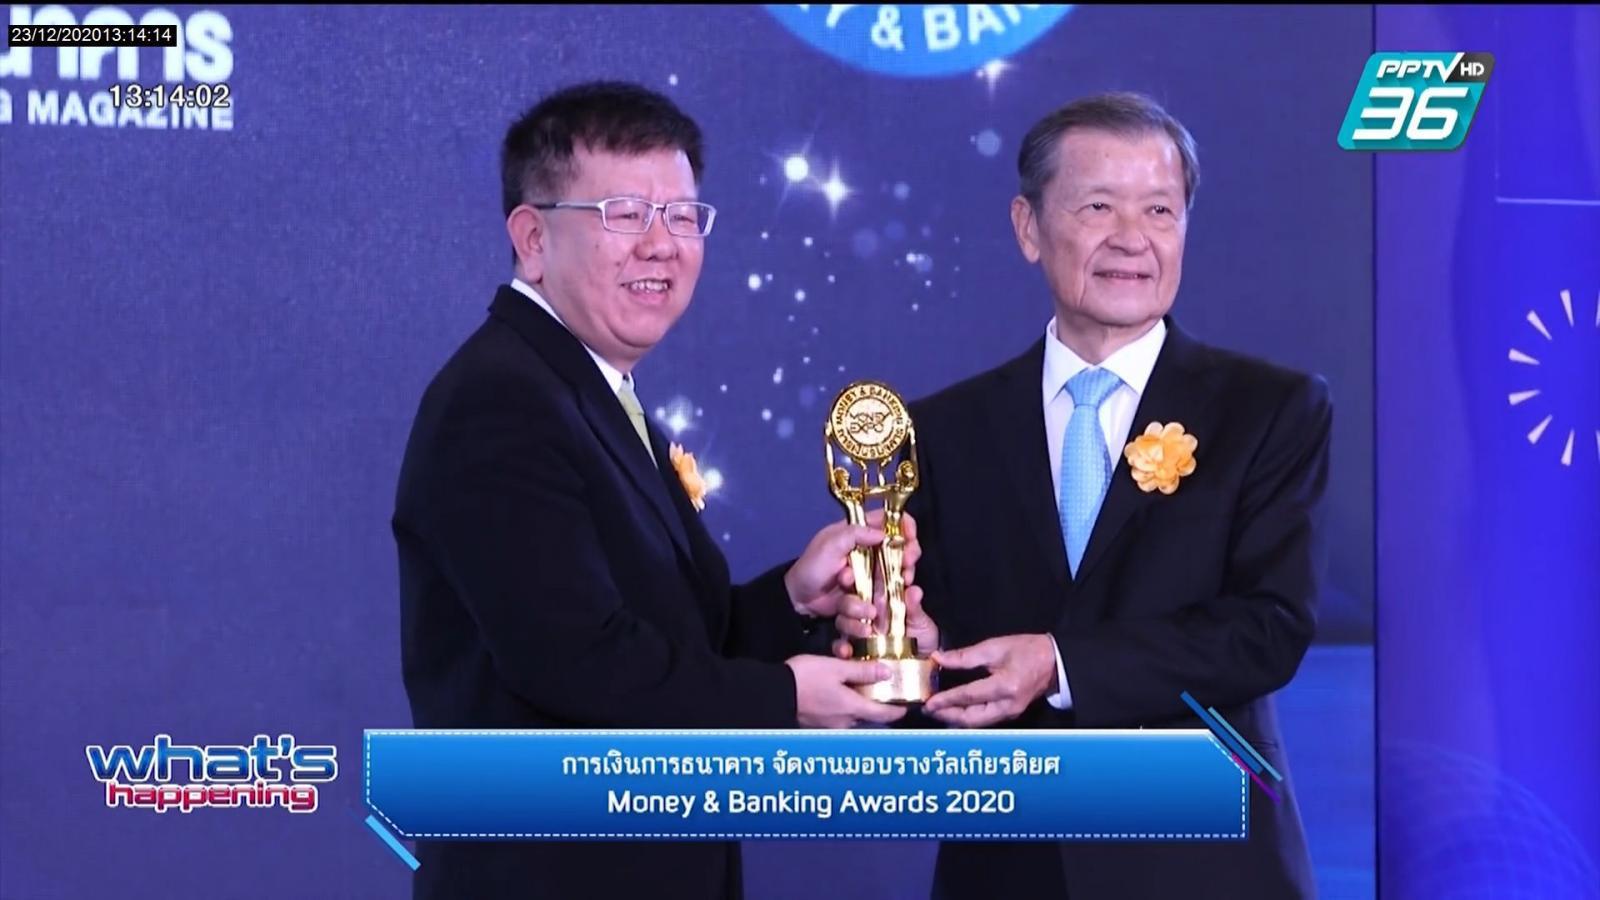 การเงินการธนาคาร จัดงานมอบรางวัลเกียรติยศ Money & Banking Awards 2020